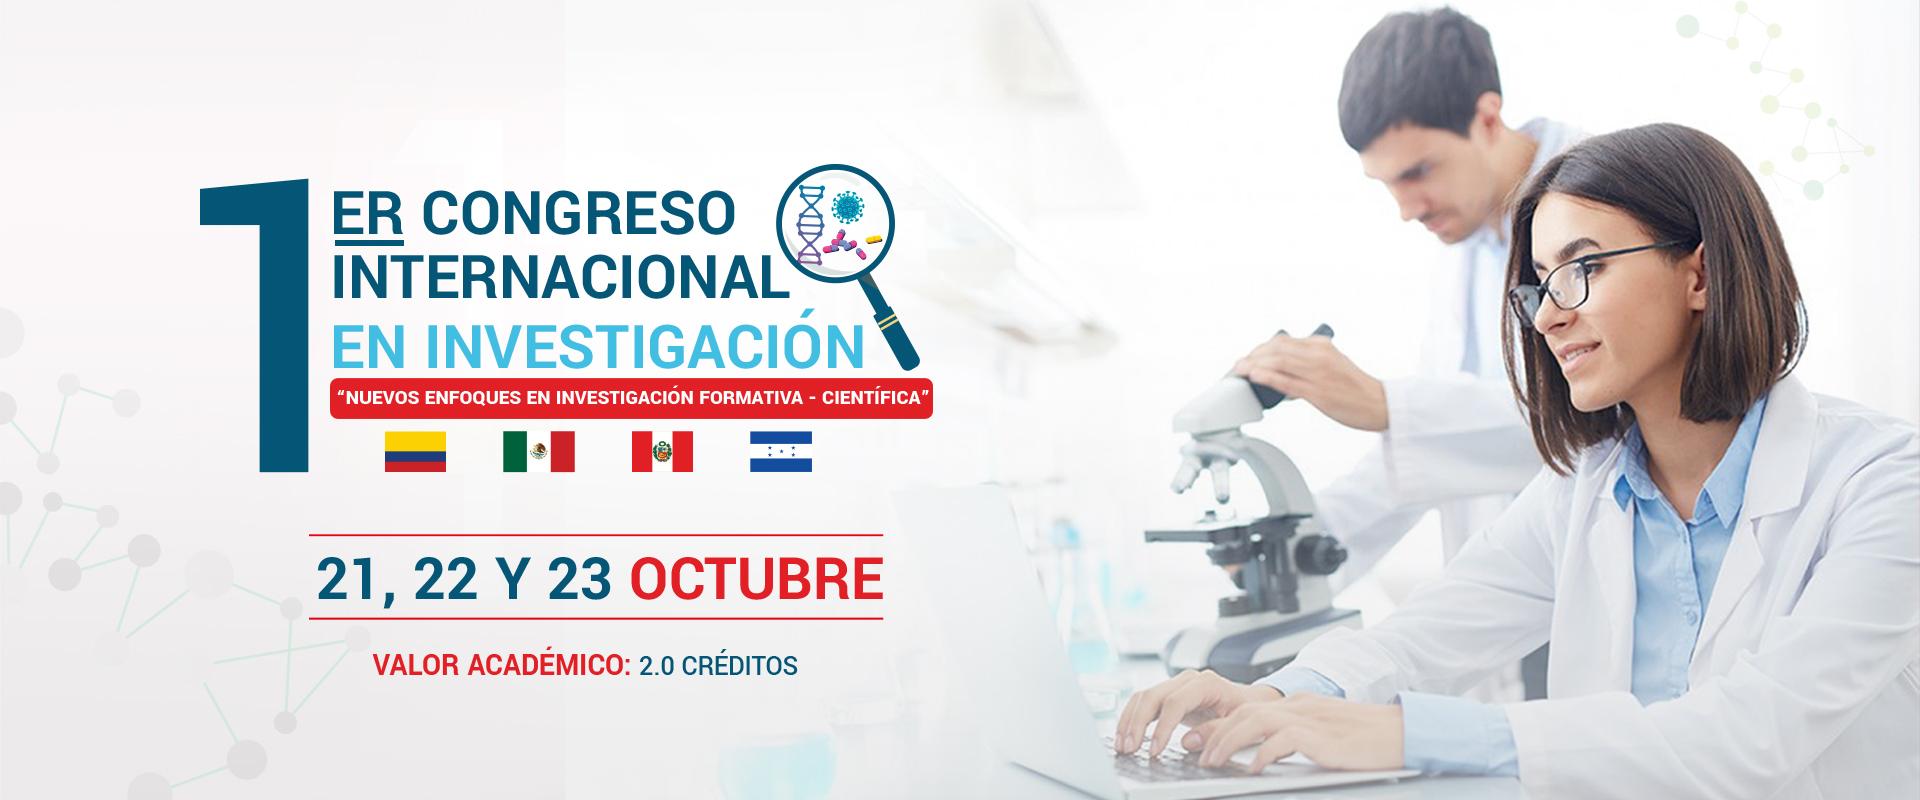 1er congreso internacional de investigación - Universidad Roosevelt - Huancayo